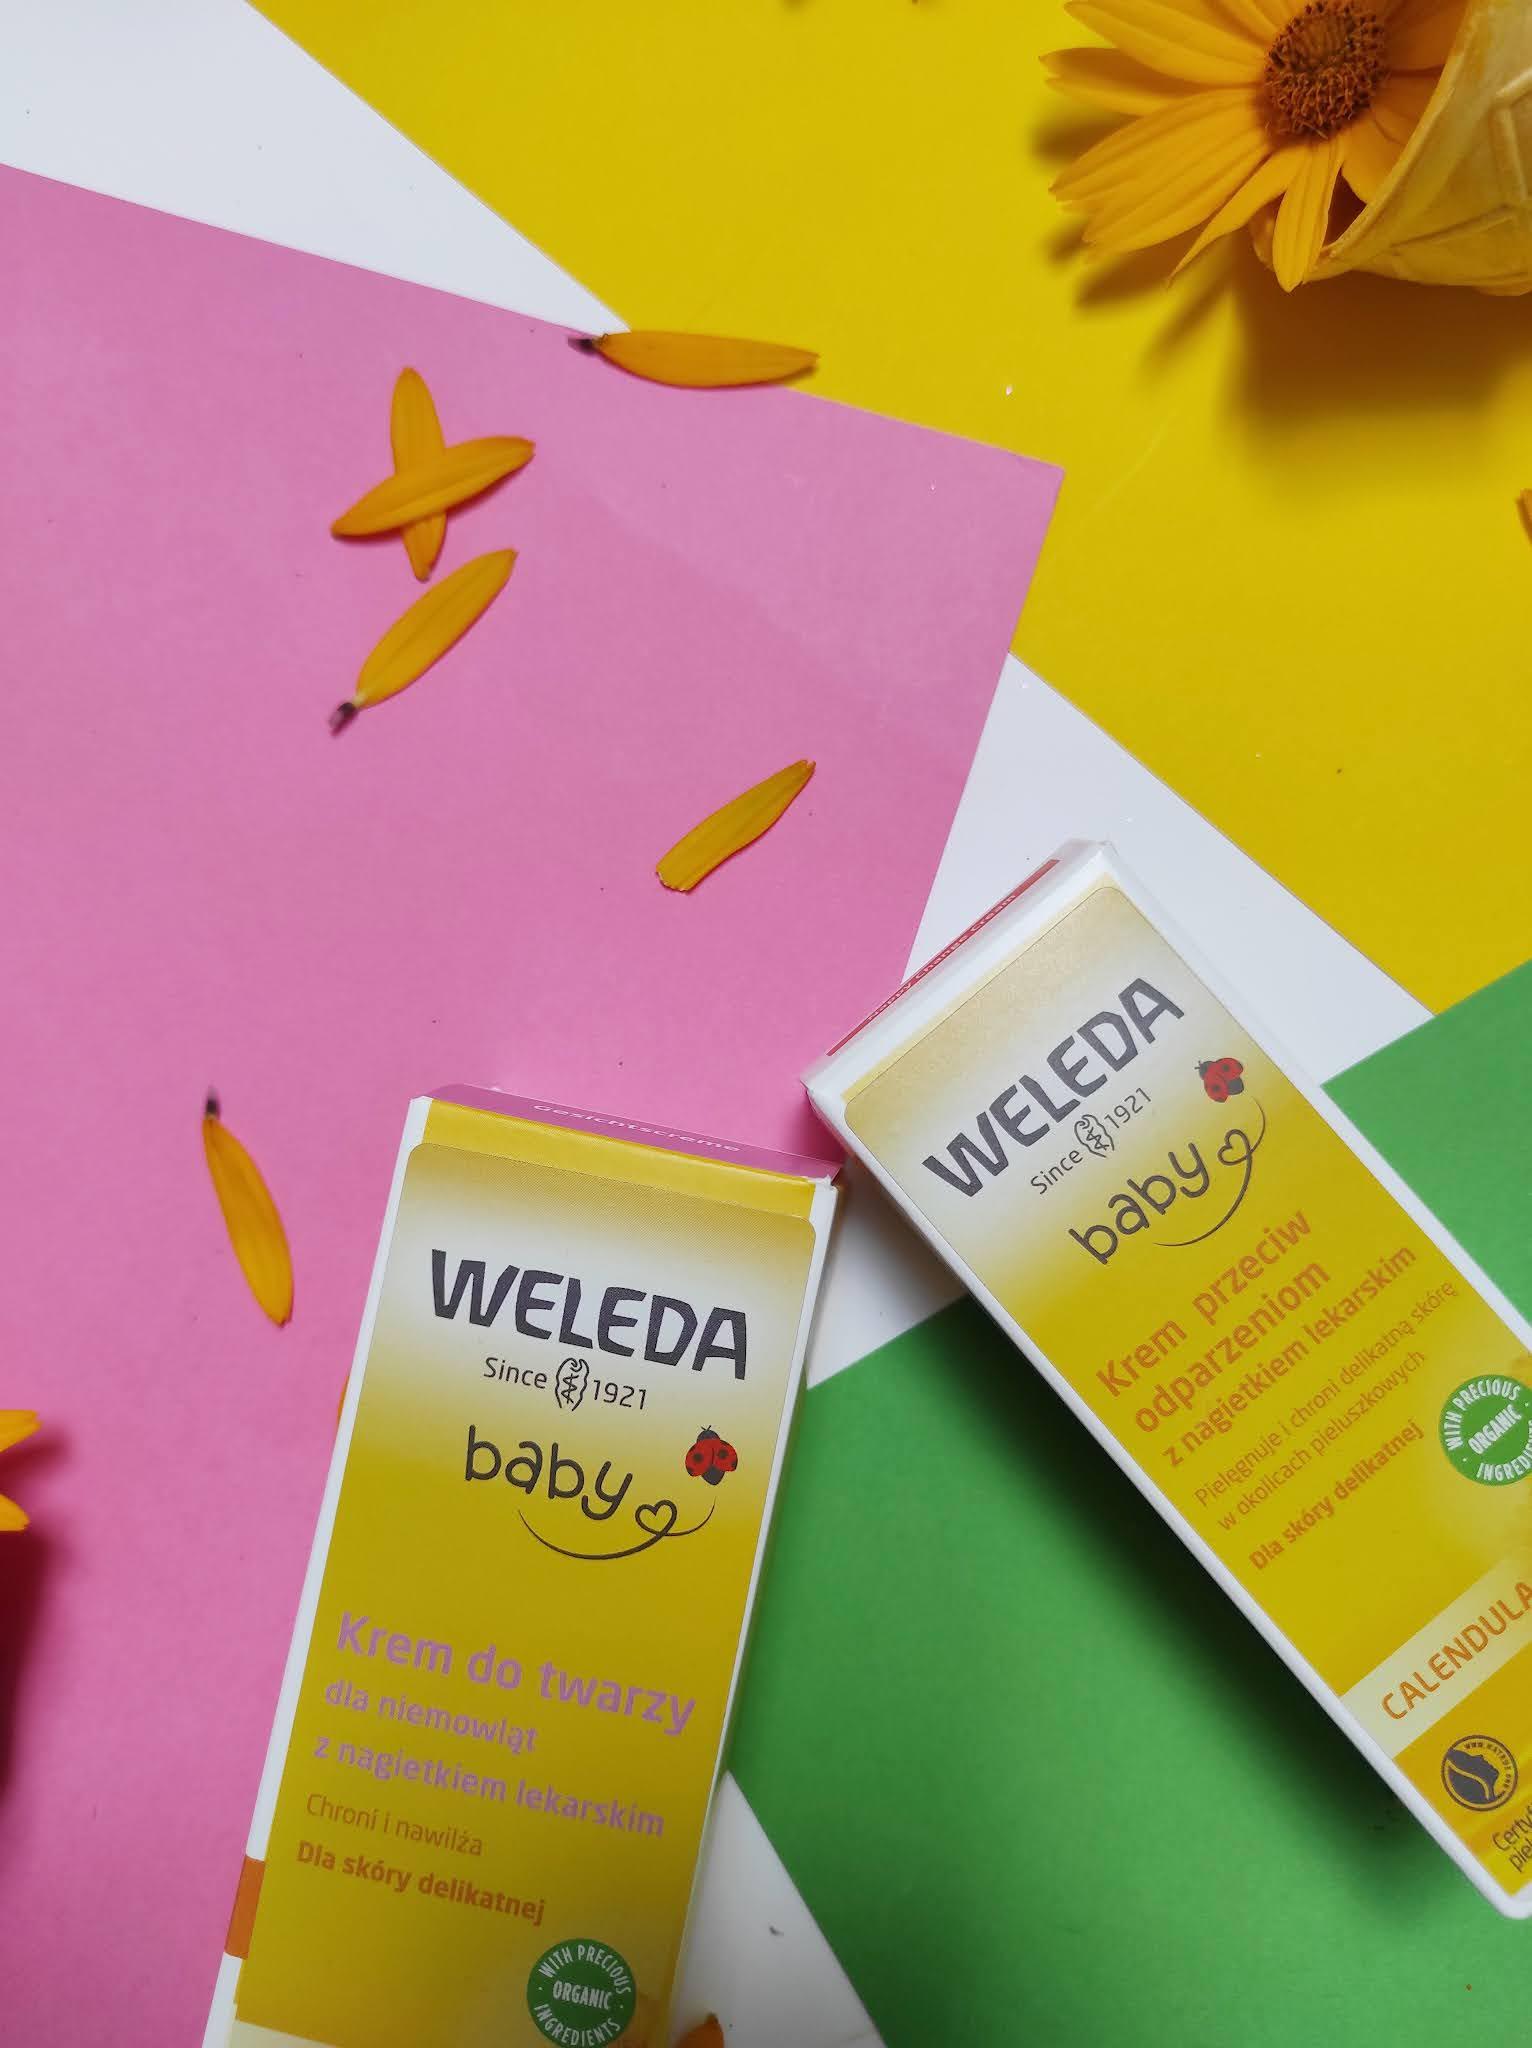 Weleda Baby - krem do twarzy i krem przeciw odparzeniom z nagietkiem lekarskim. Test z portalem Familie.pl